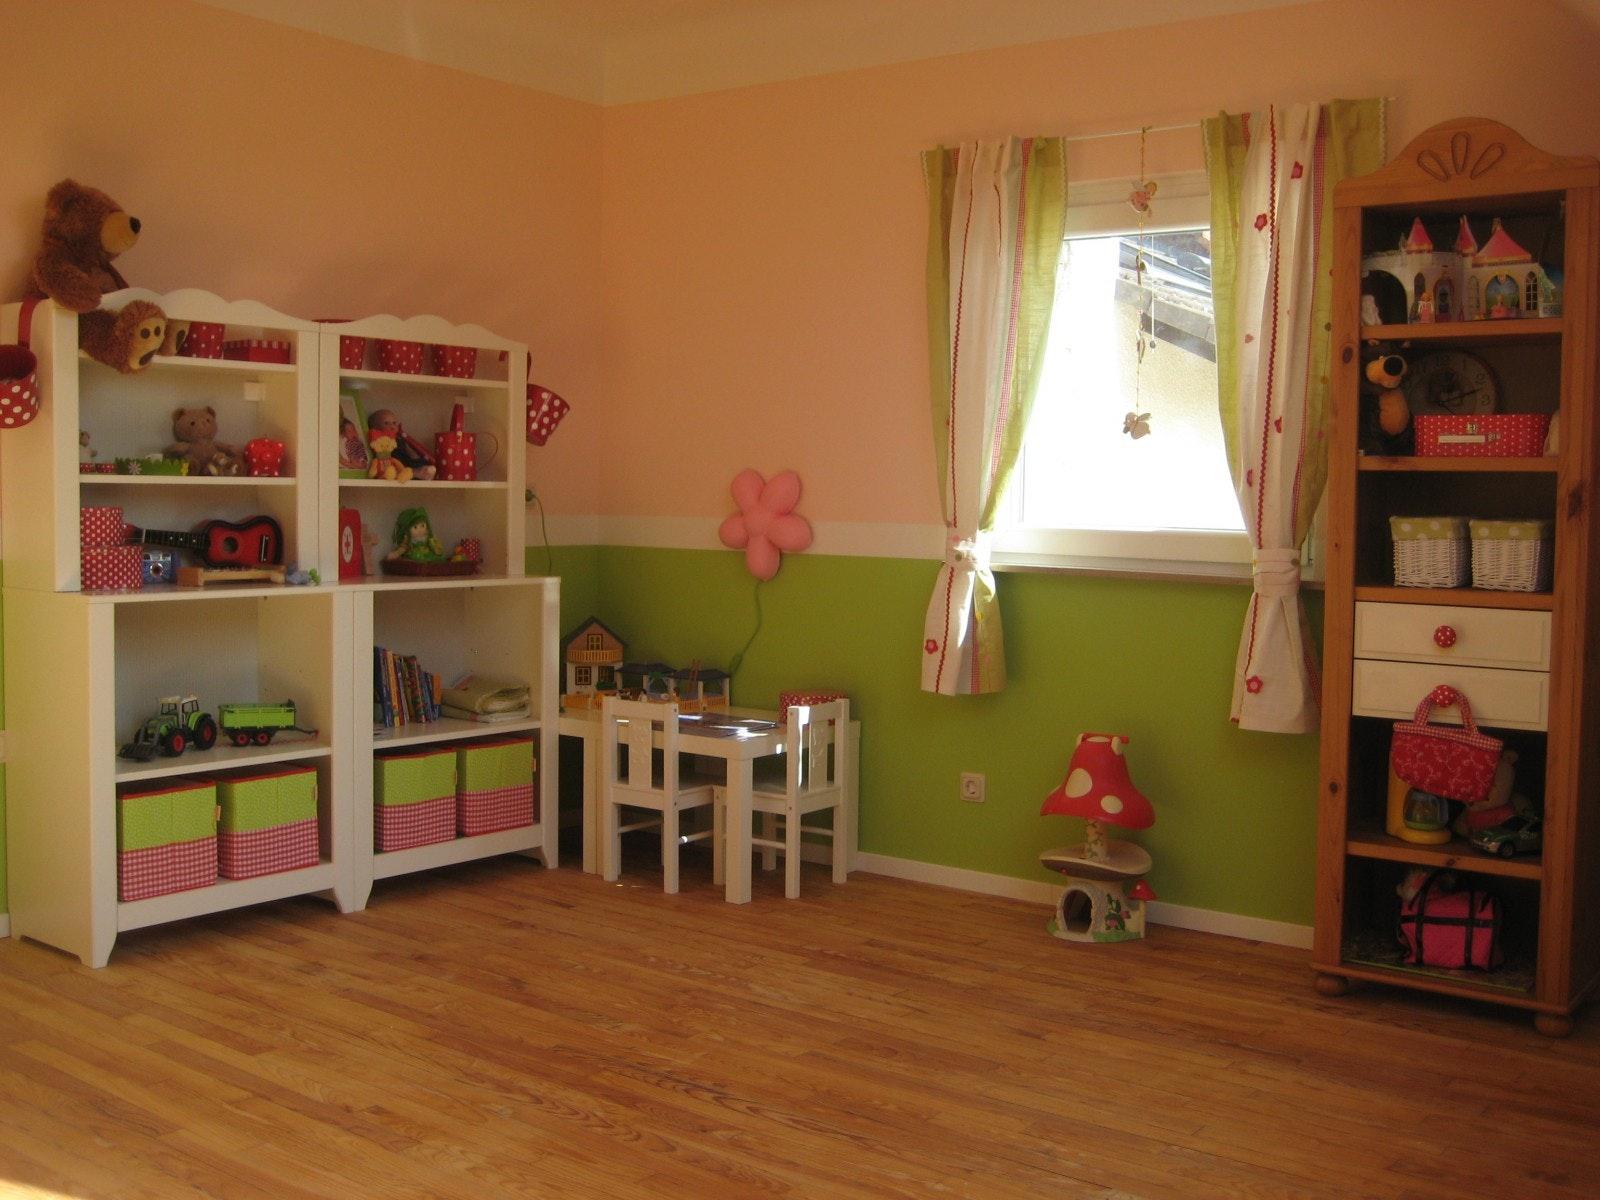 Babyzimmer Grün Beige Charmant On Innerhalb Innen Und Aussen Architektur Orange Grun Chestha Com 8